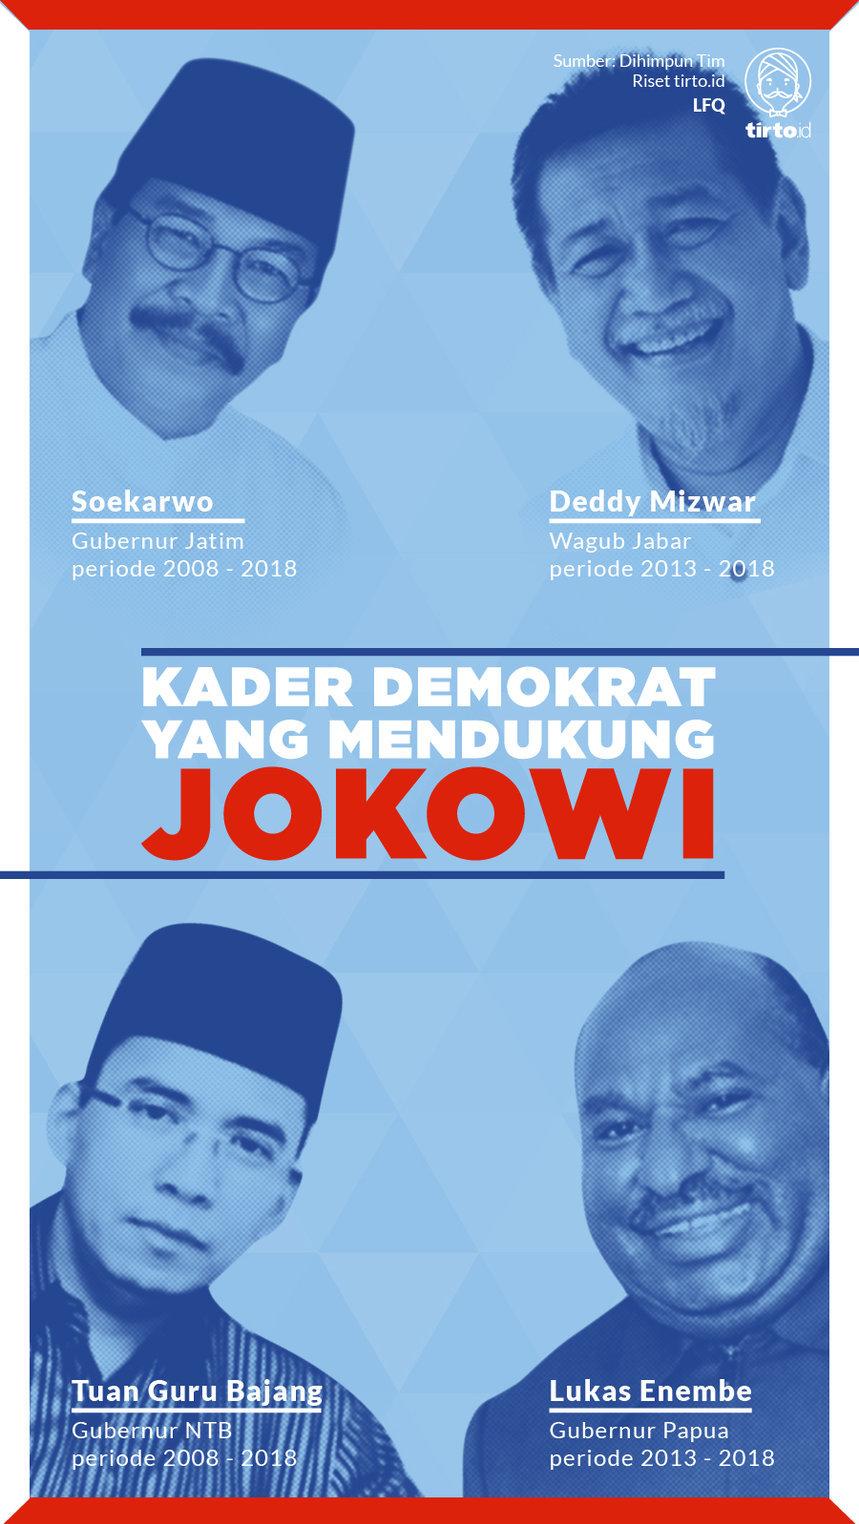 Infografik Kader demokrat yang mendukung jokowi